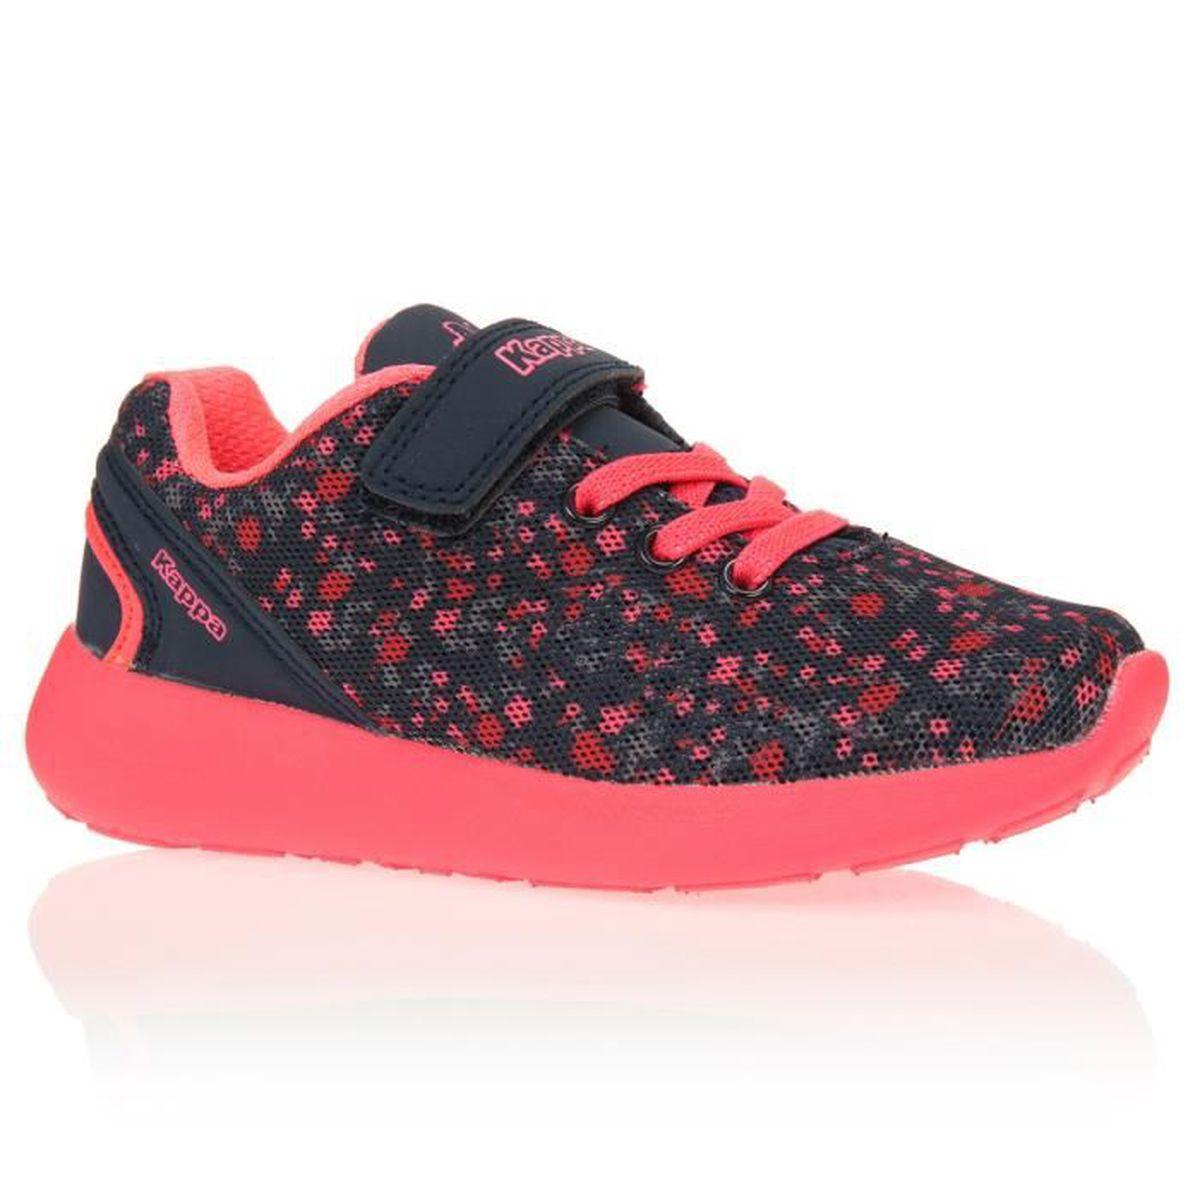 kappa baskets calita chaussures enfant fille marine et rose achat vente basket cdiscount. Black Bedroom Furniture Sets. Home Design Ideas